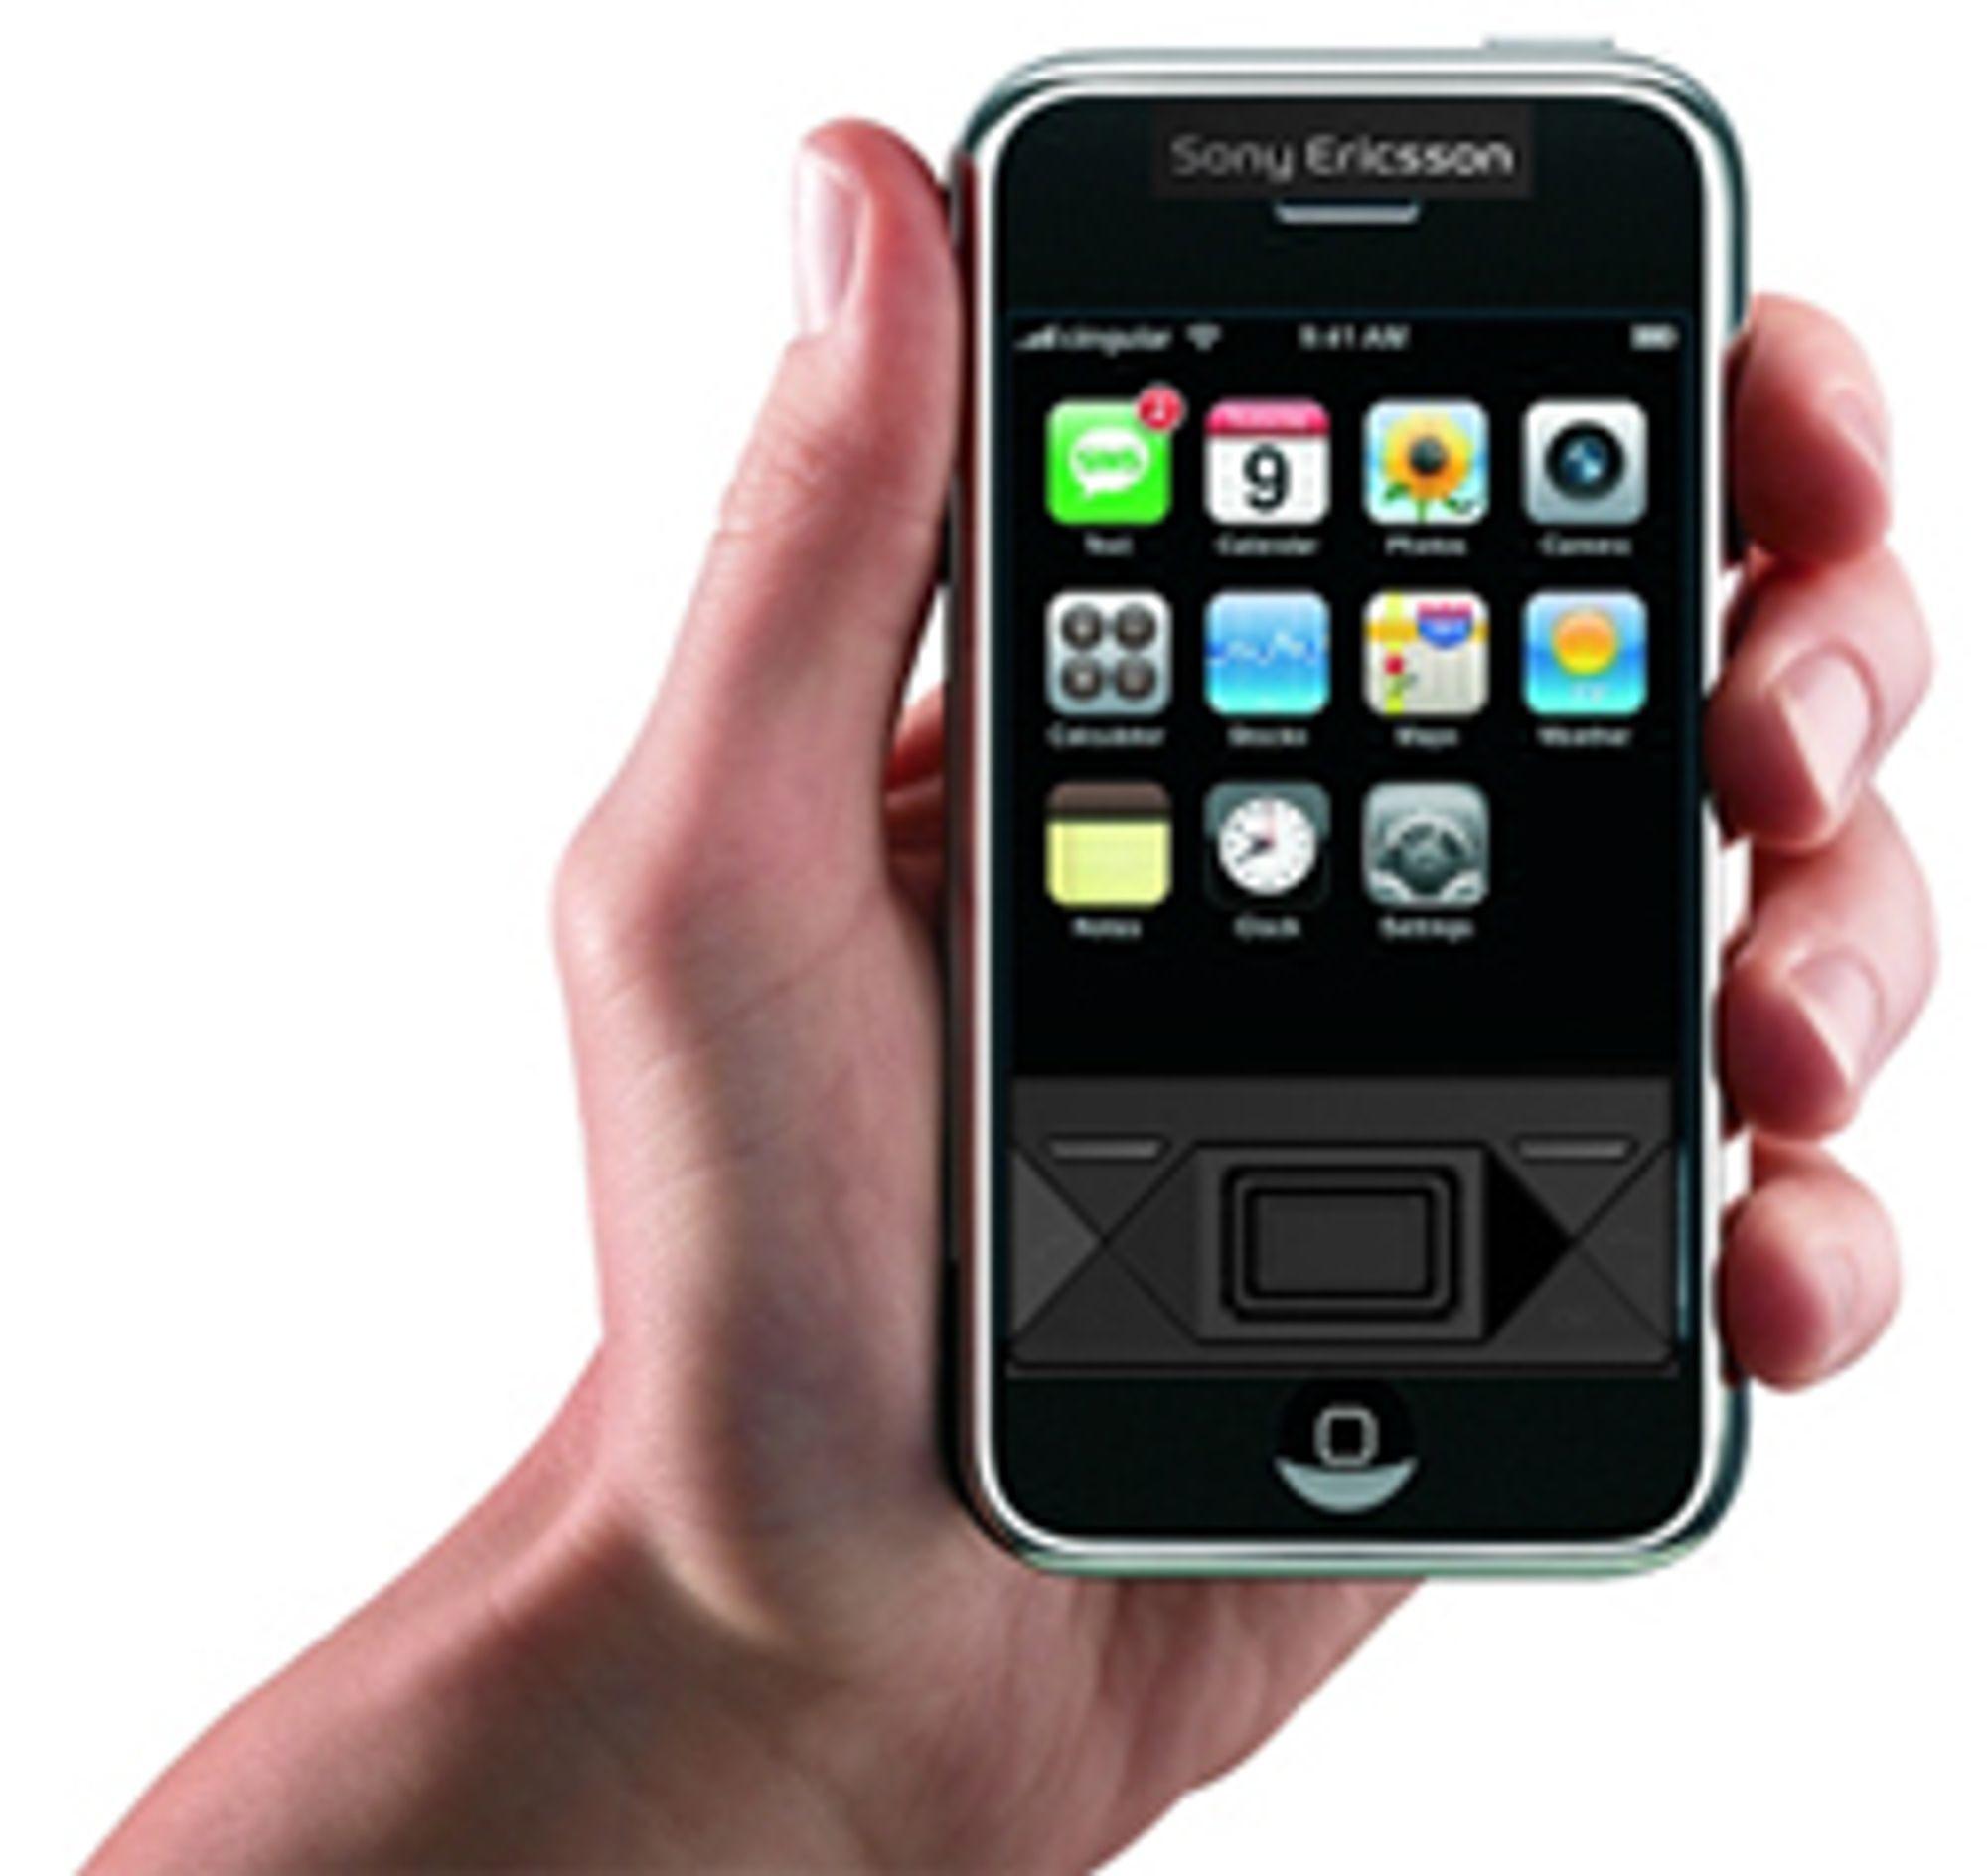 Sony Ericsson X1i + Iphone = denne tvilsomme kreasjonen.